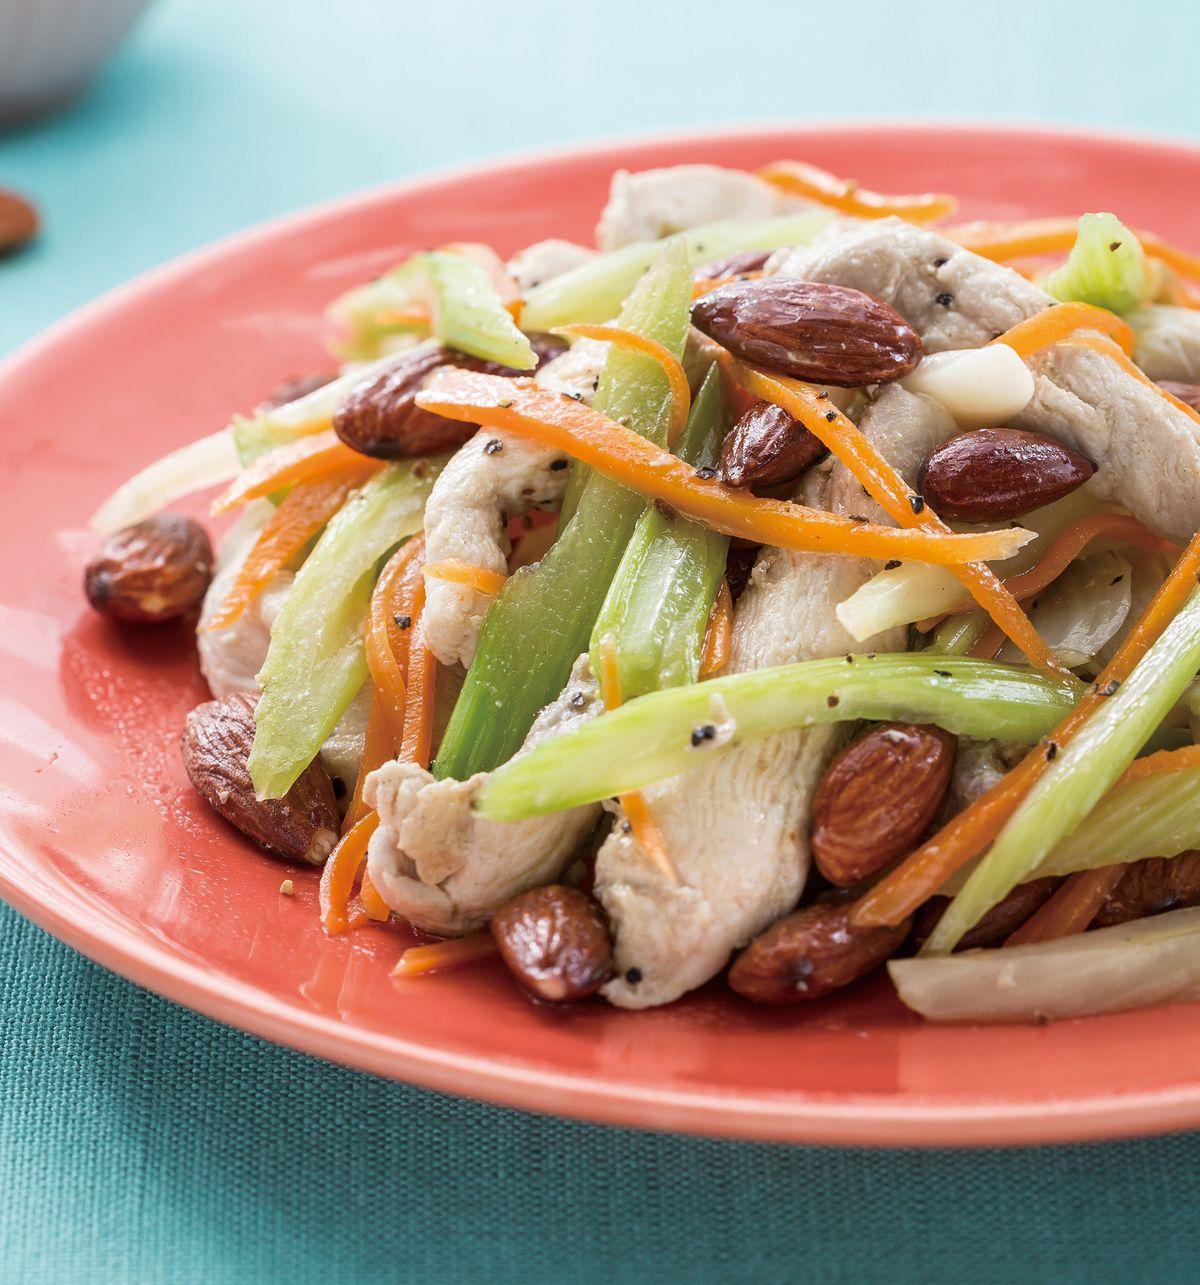 食譜:杏仁粒炒西芹雞條